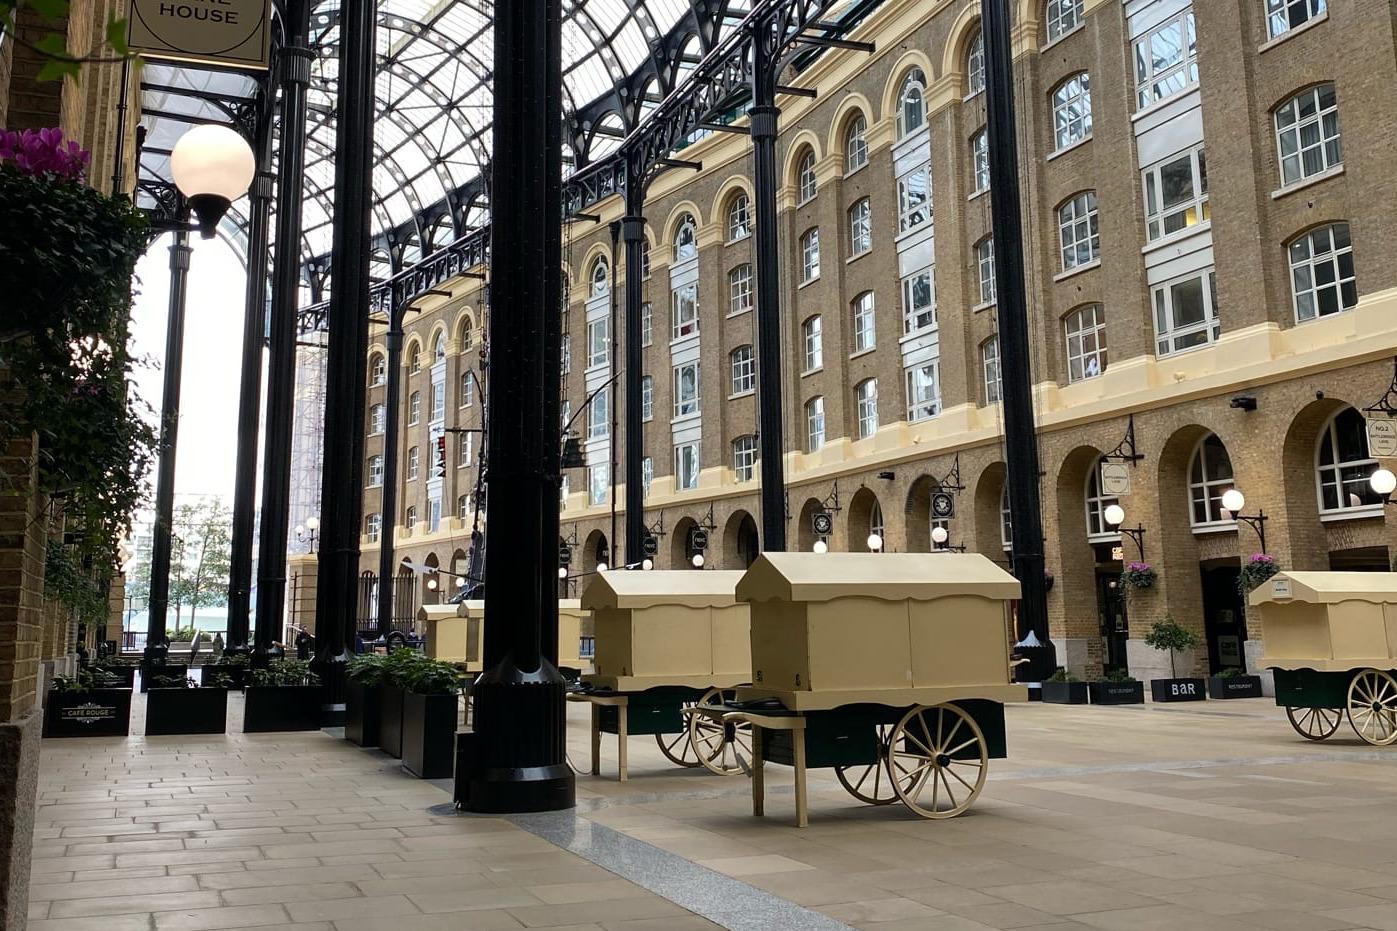 Пустая торговая галерея Hays Gallery возле станции London Bridge. Закрыты магазины и палатки с сувенирами